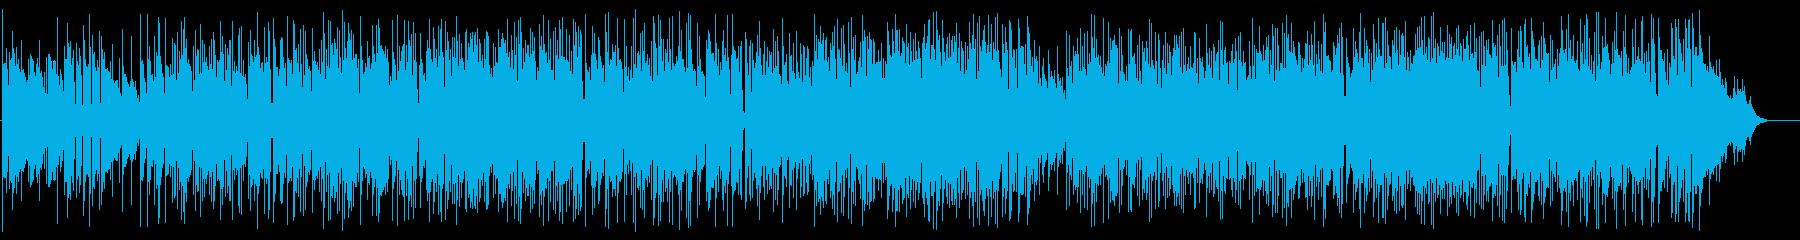 ギターメインのボサノバポップフュージョンの再生済みの波形